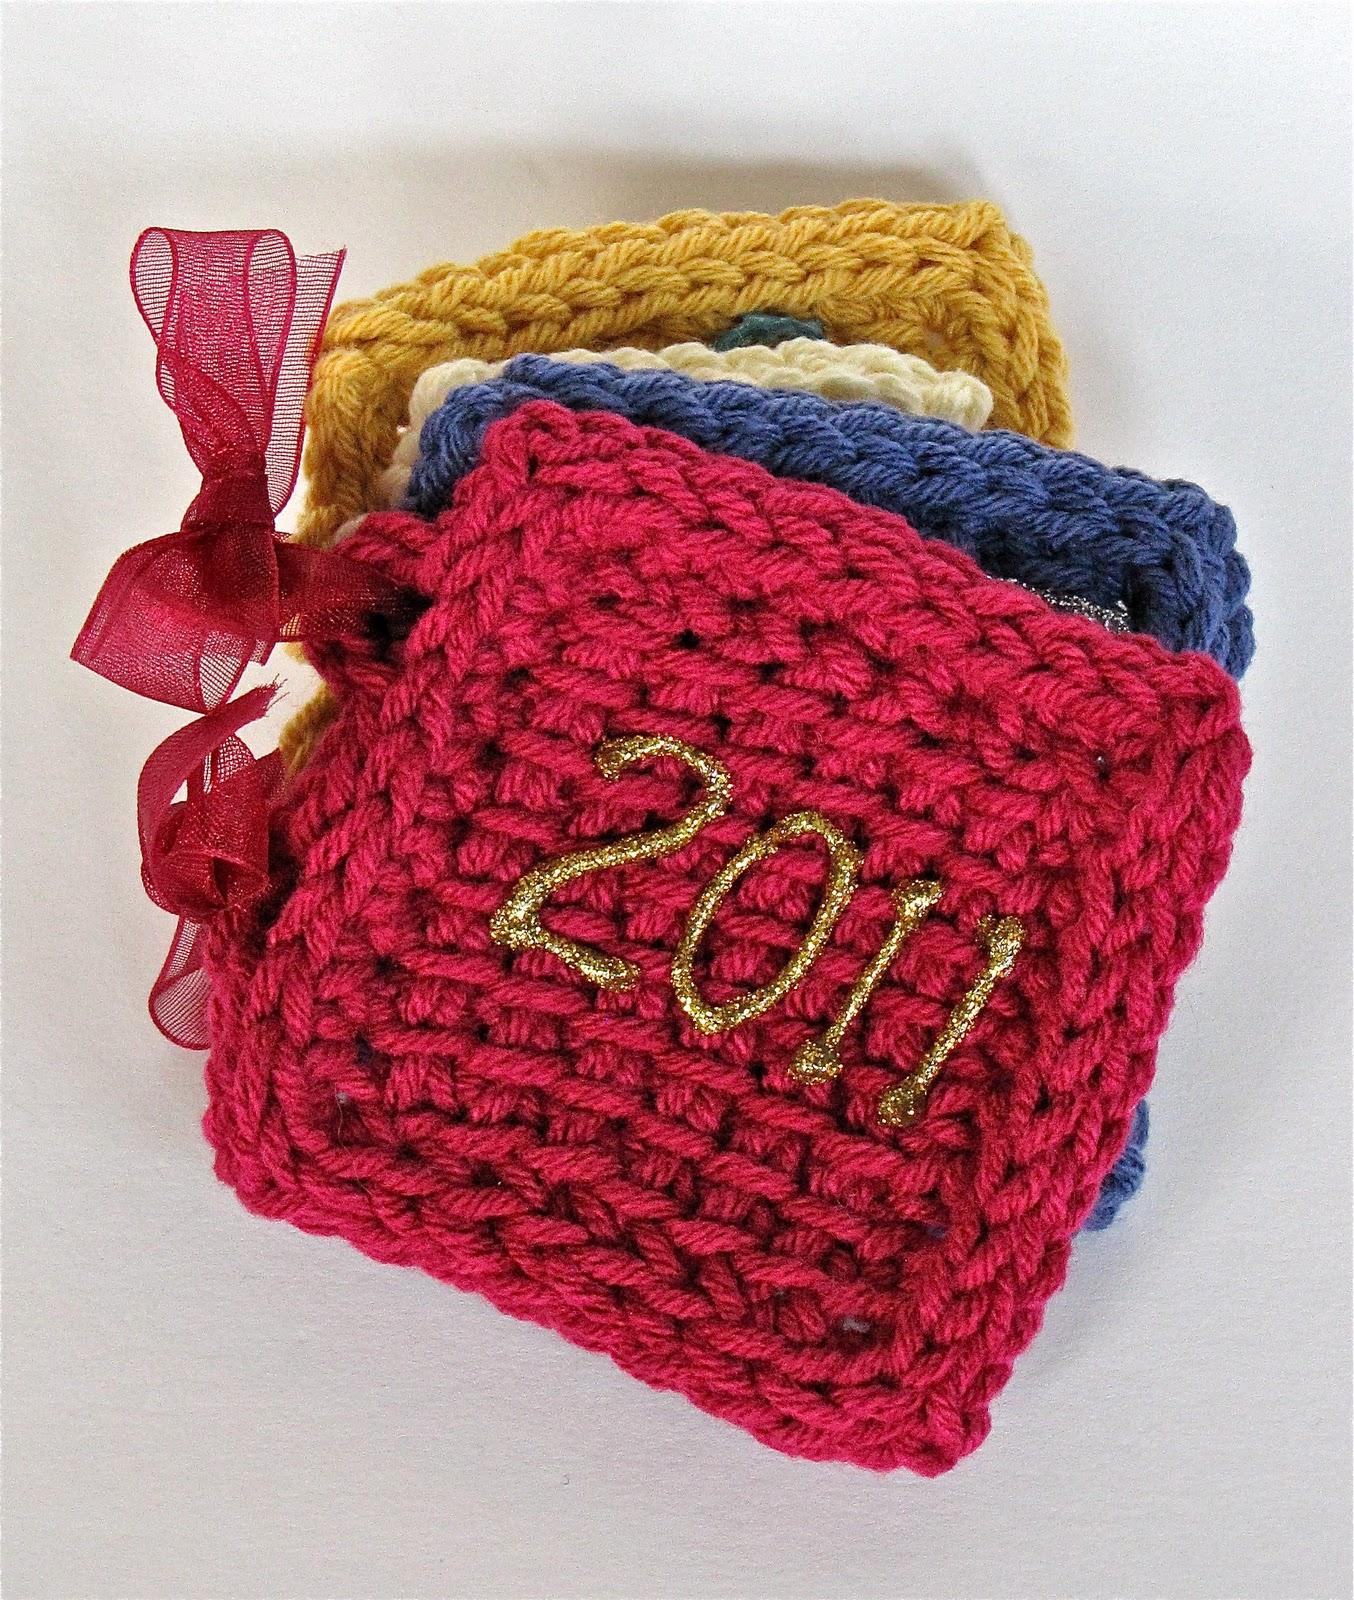 Crochet Valentines Day : DesigningVashti: The Blog: Happy Crochet Valentines Day!